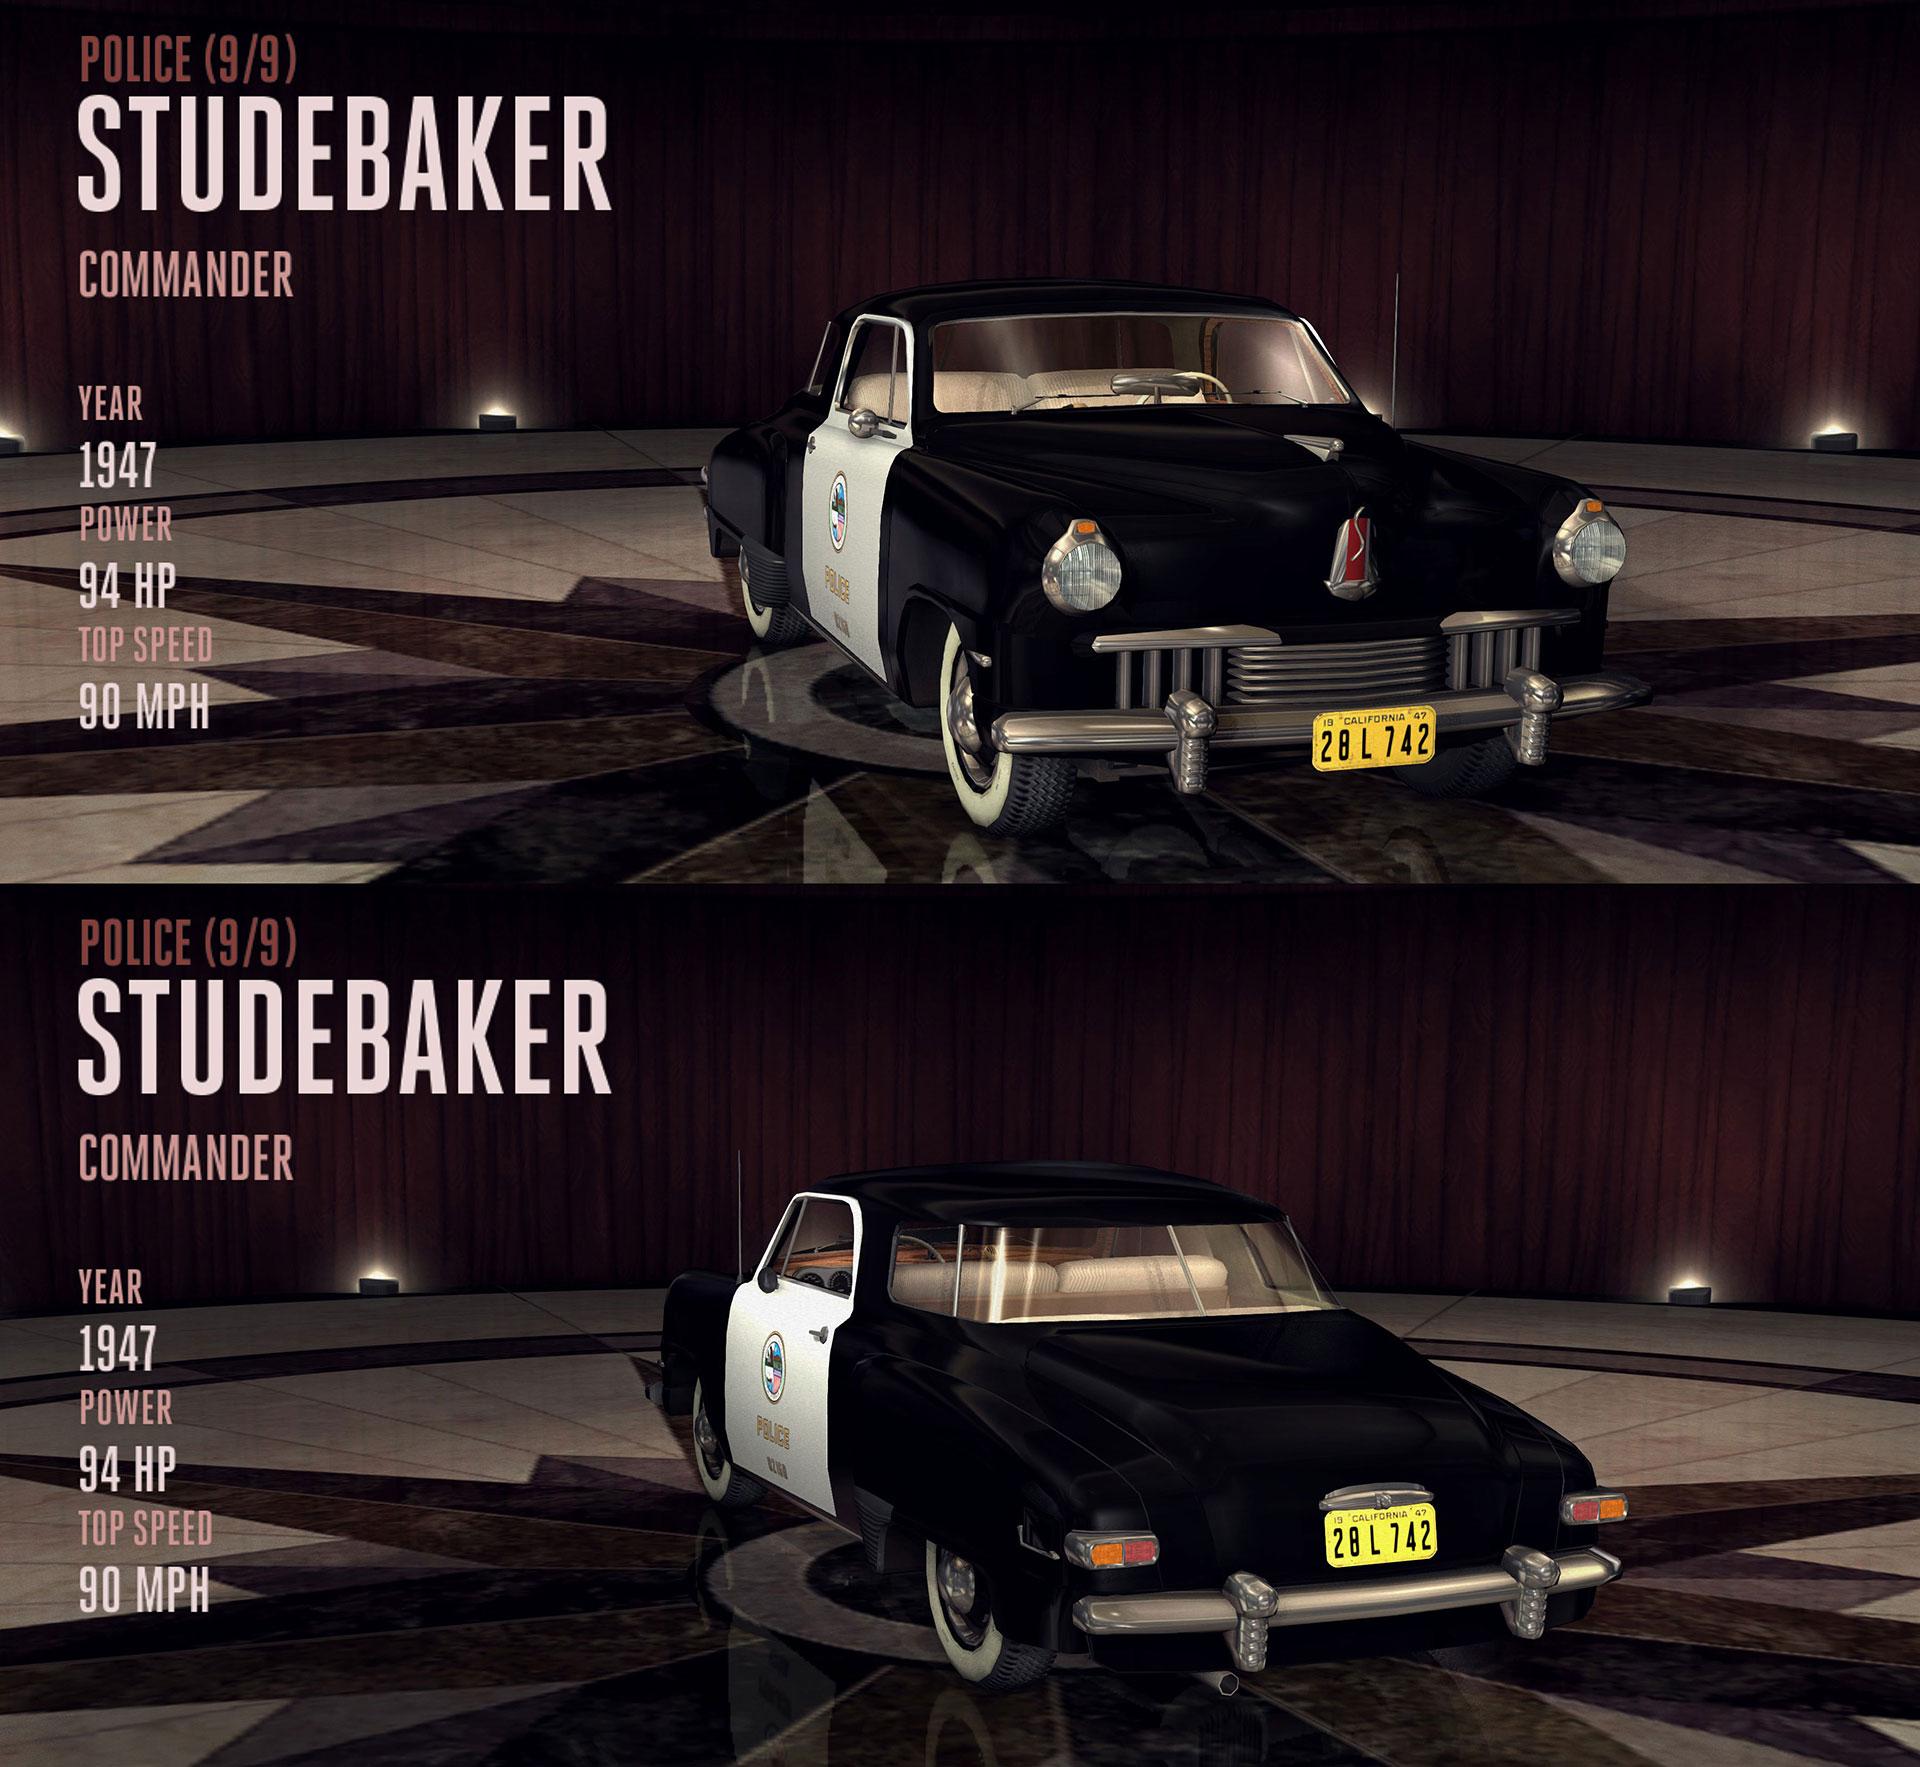 File:1947-studebaker-commander.jpg